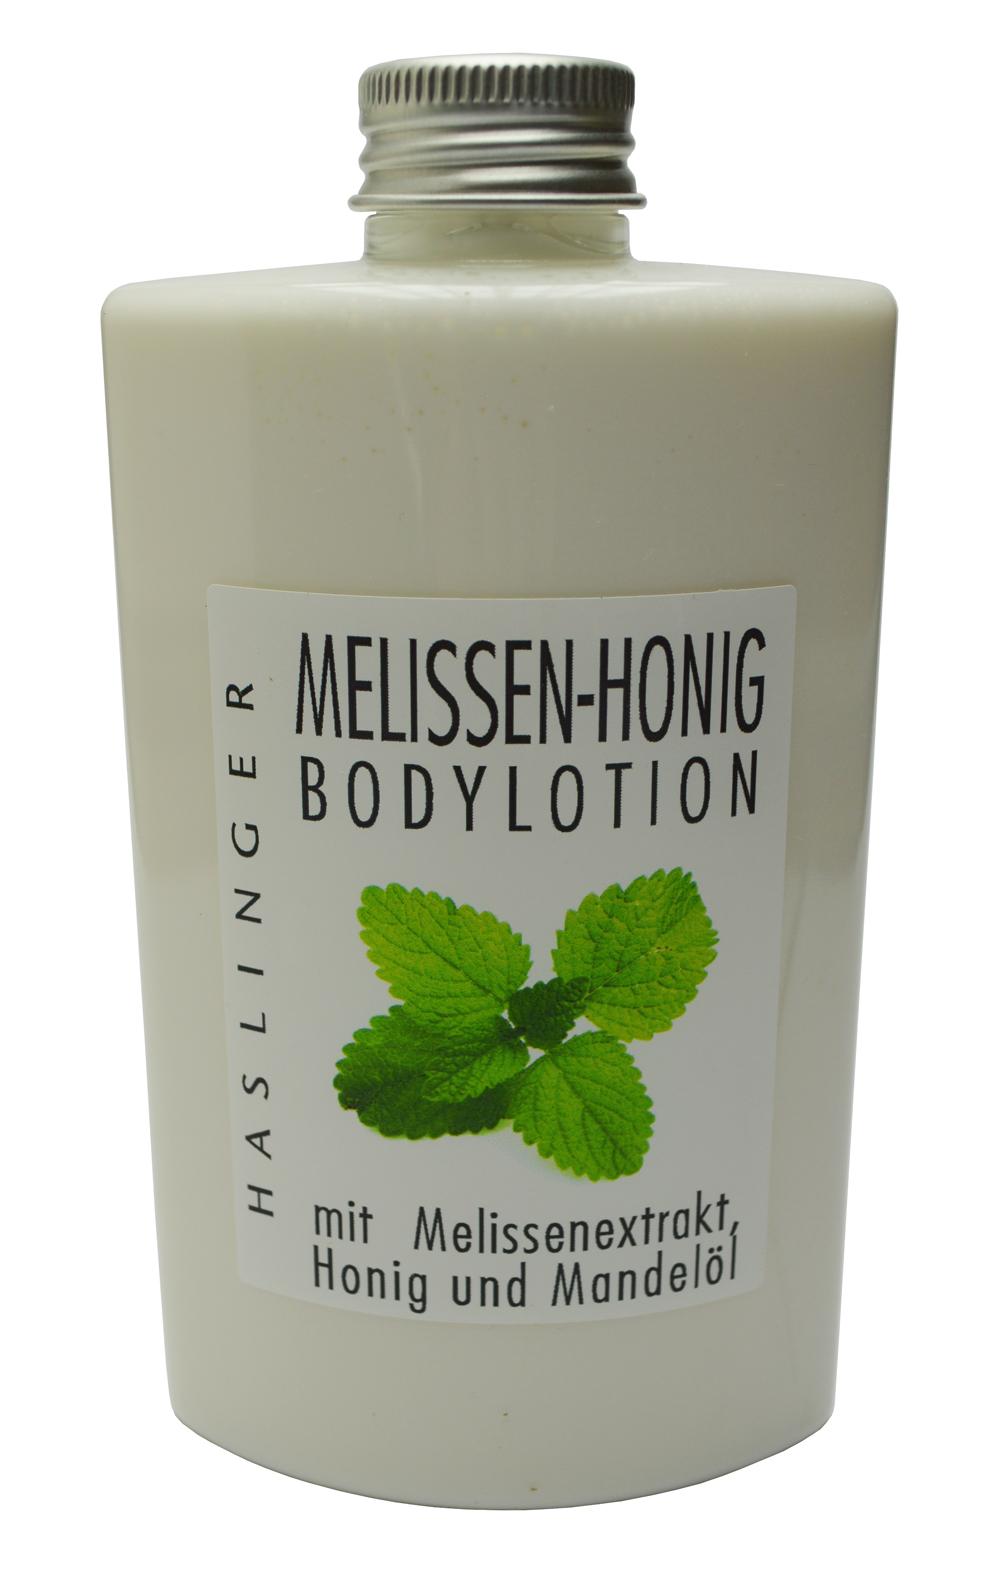 Haslinger Melissen-Honig Bodylotion